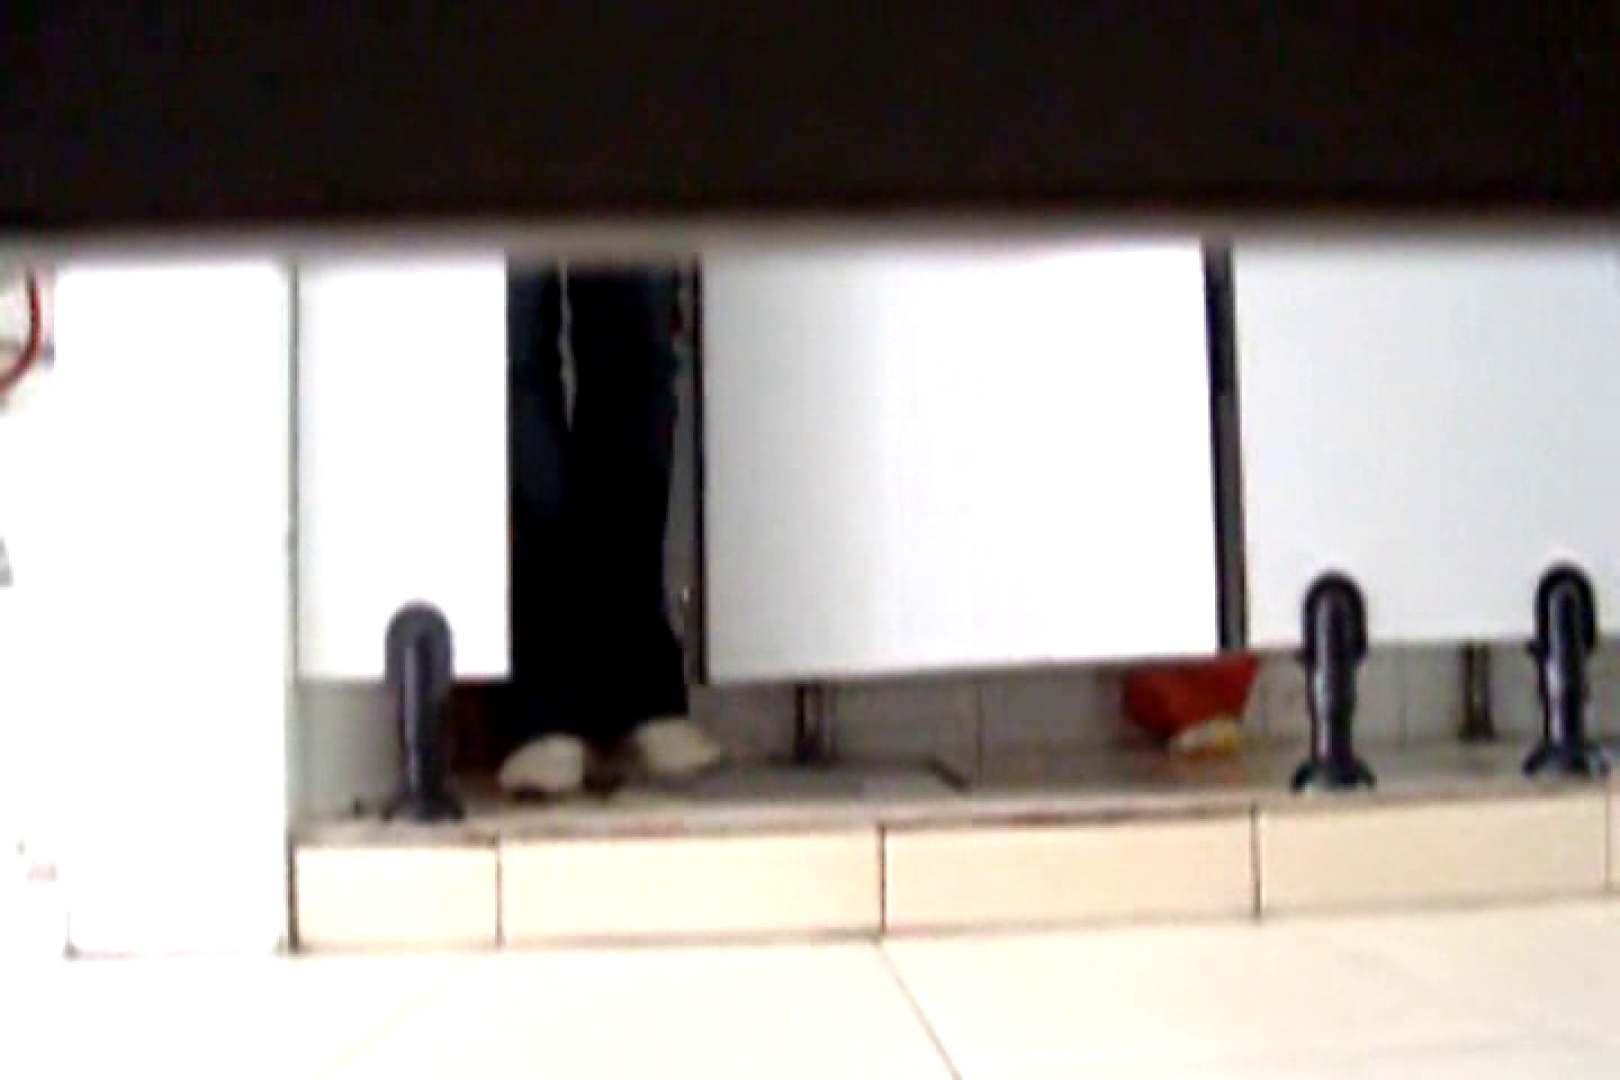 ぼっとん洗面所スペシャルVol.5 OLエロ画像 | 生おまんこ  88PICs 40